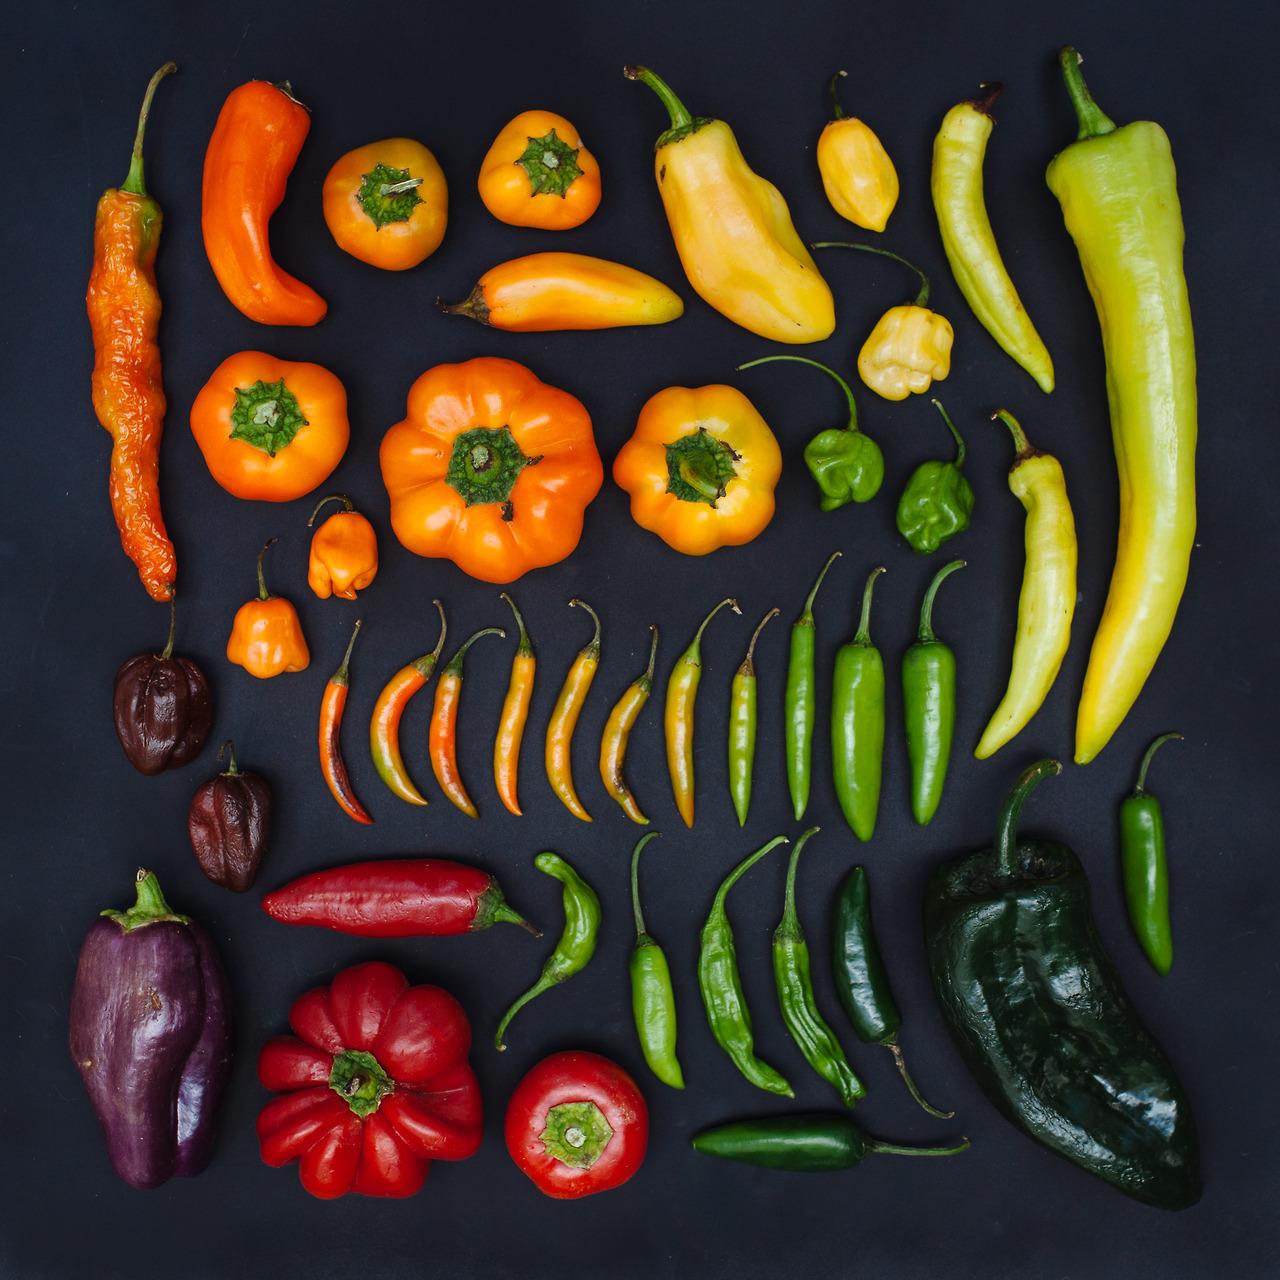 emily-blincoe-1-photos-instantanees-legumes-poivrons-piments